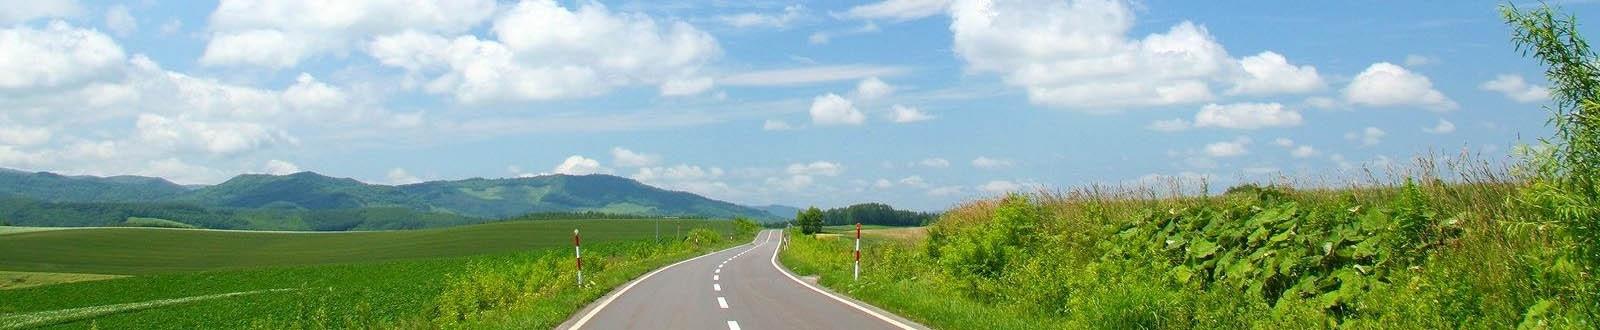 鸣翠谷旅游度假区旅游